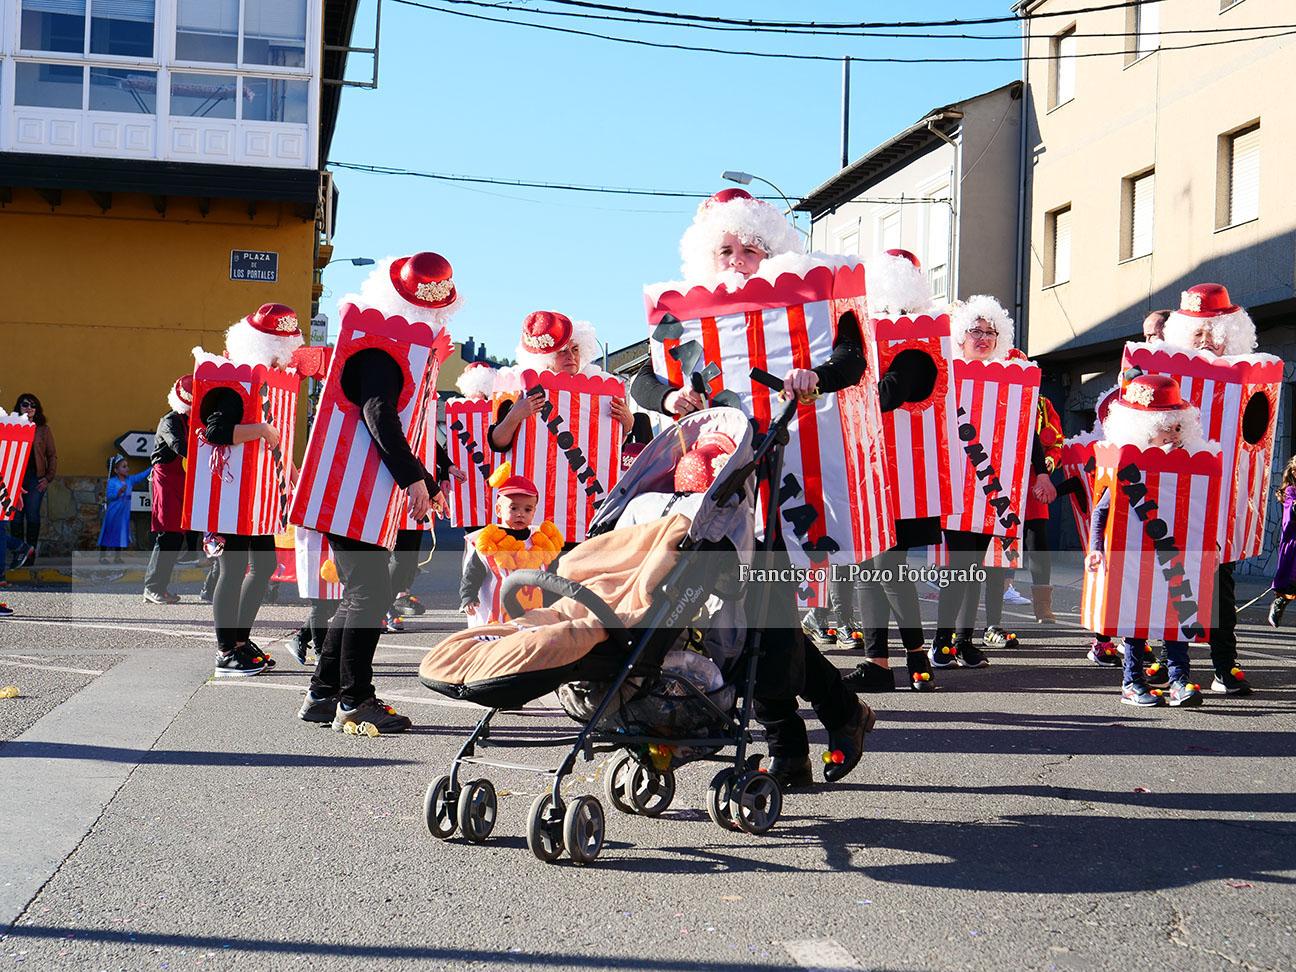 Carnaval 2020: Camponaraya sale a la calle a ritmo de comparsa 130